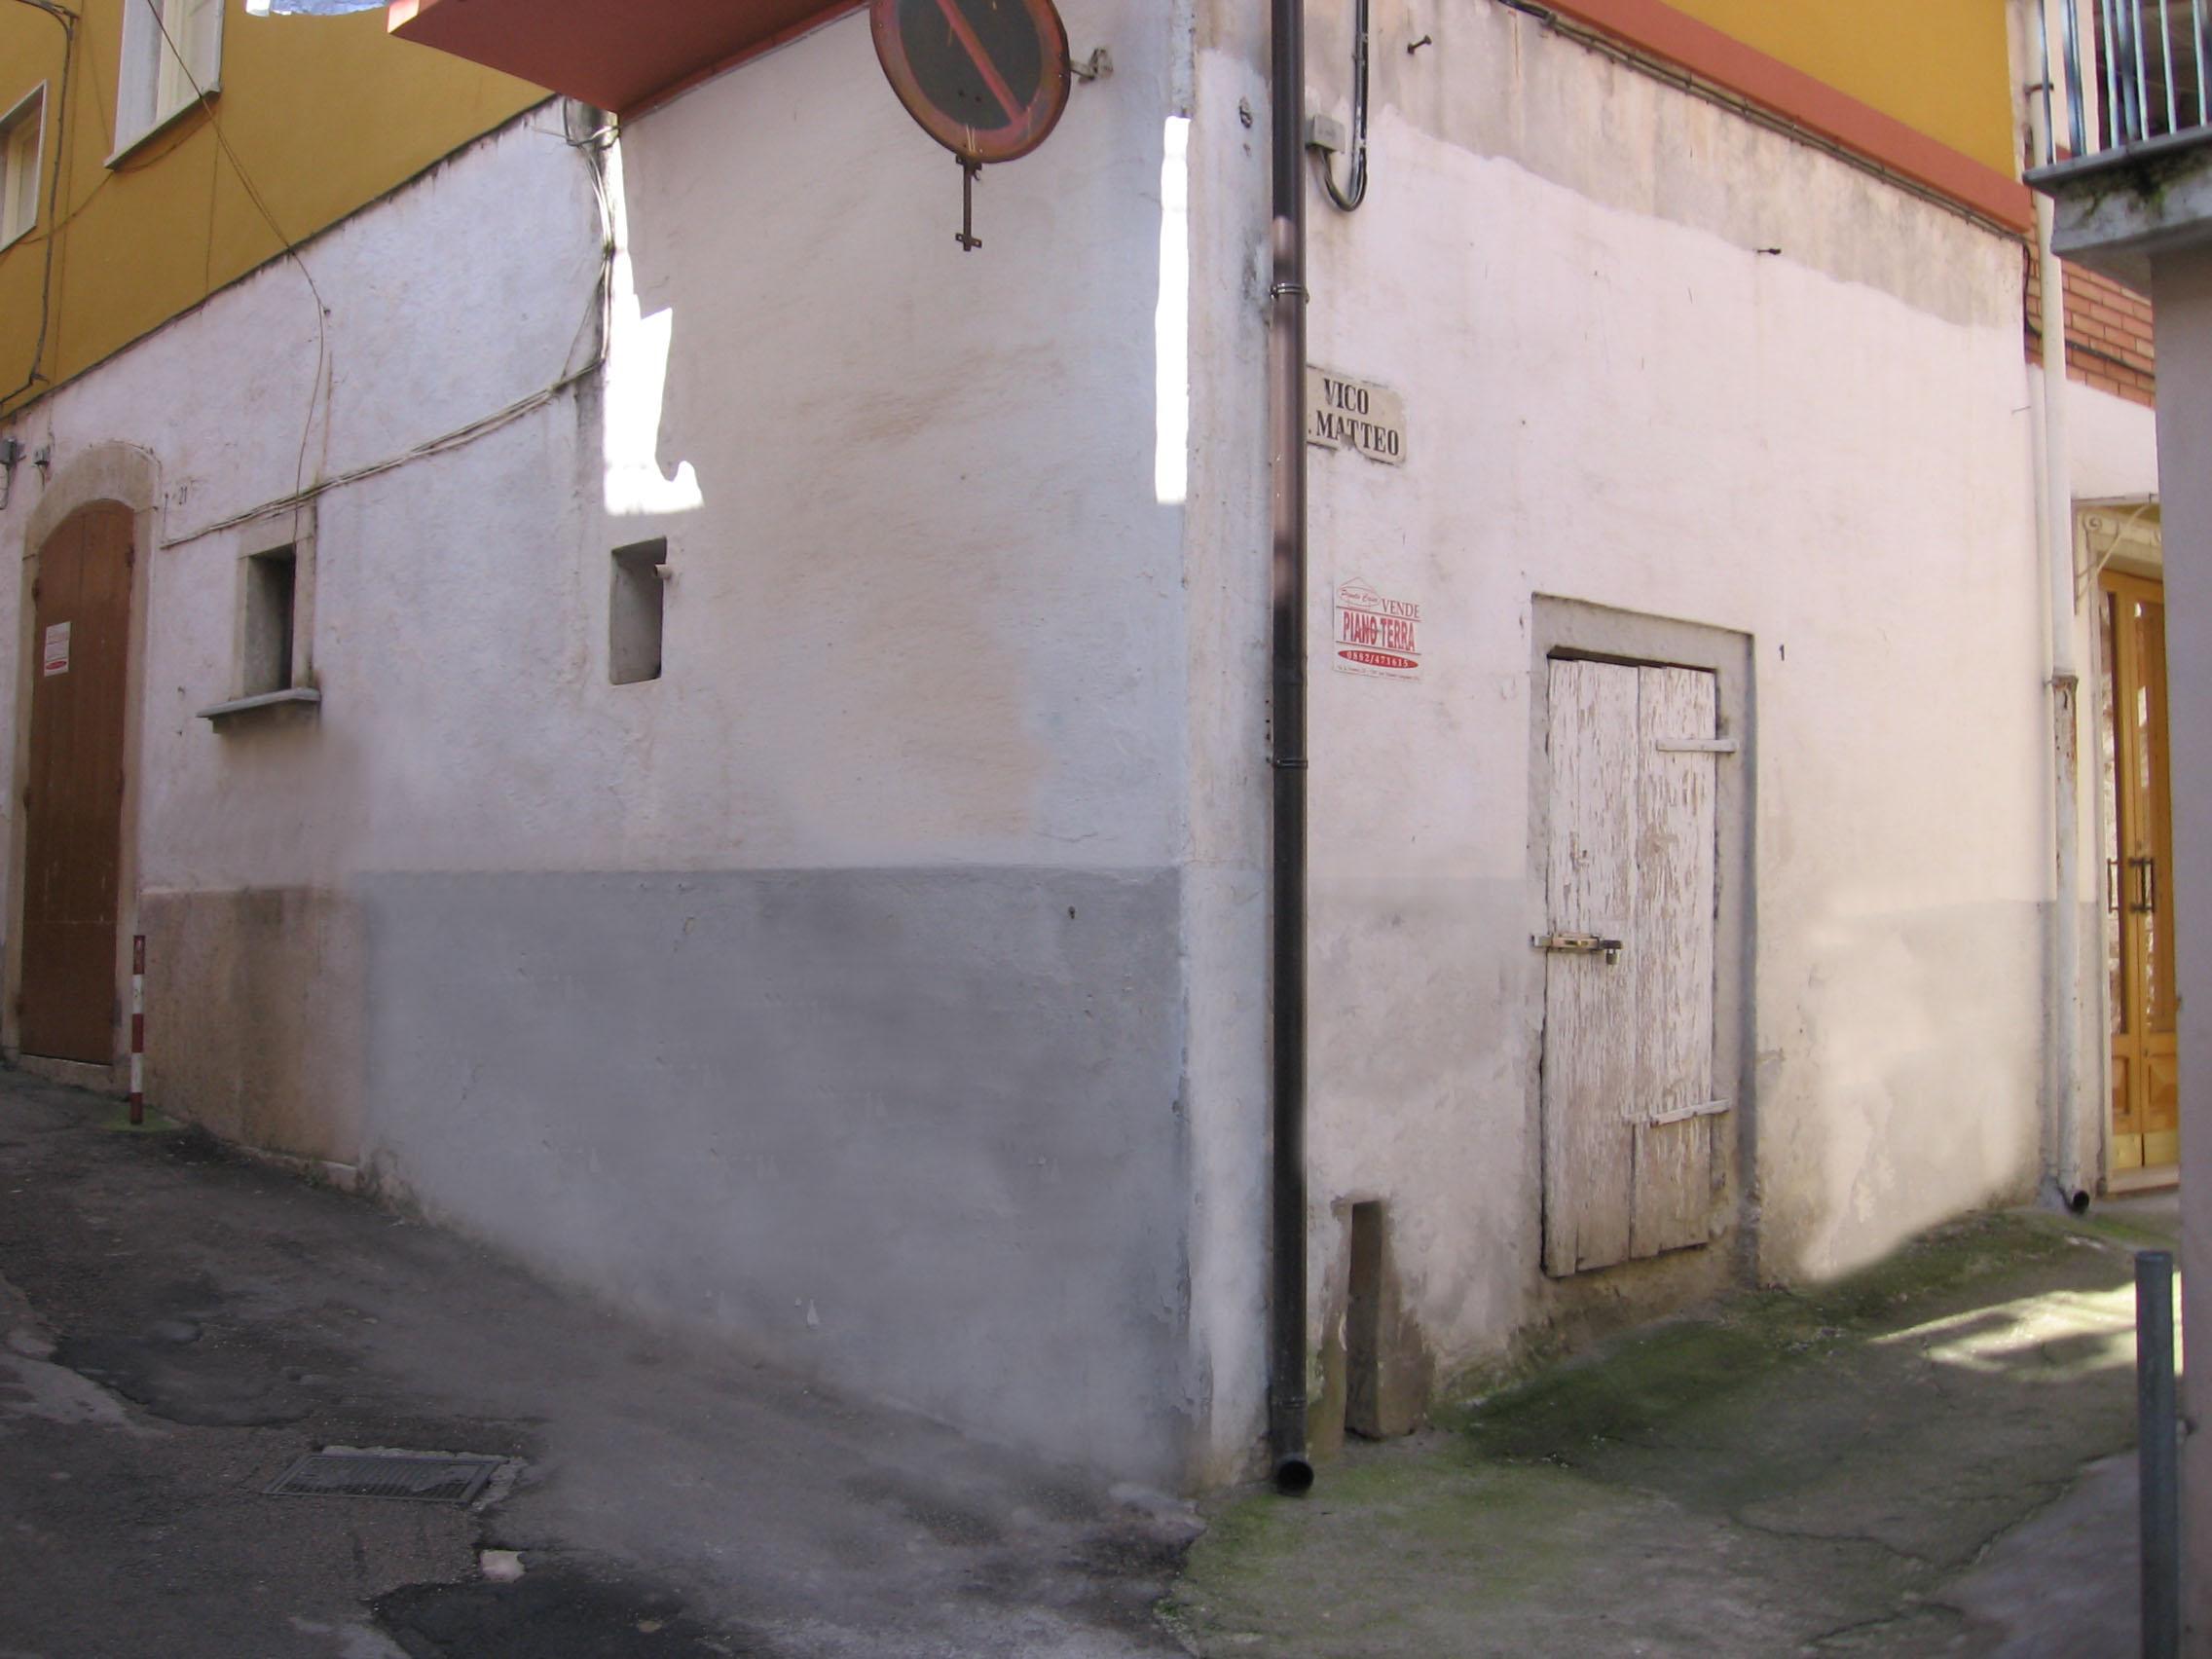 Appartamento in vendita a San Nicandro Garganico, 3 locali, zona Località: CENTRO, prezzo € 21.000   CambioCasa.it